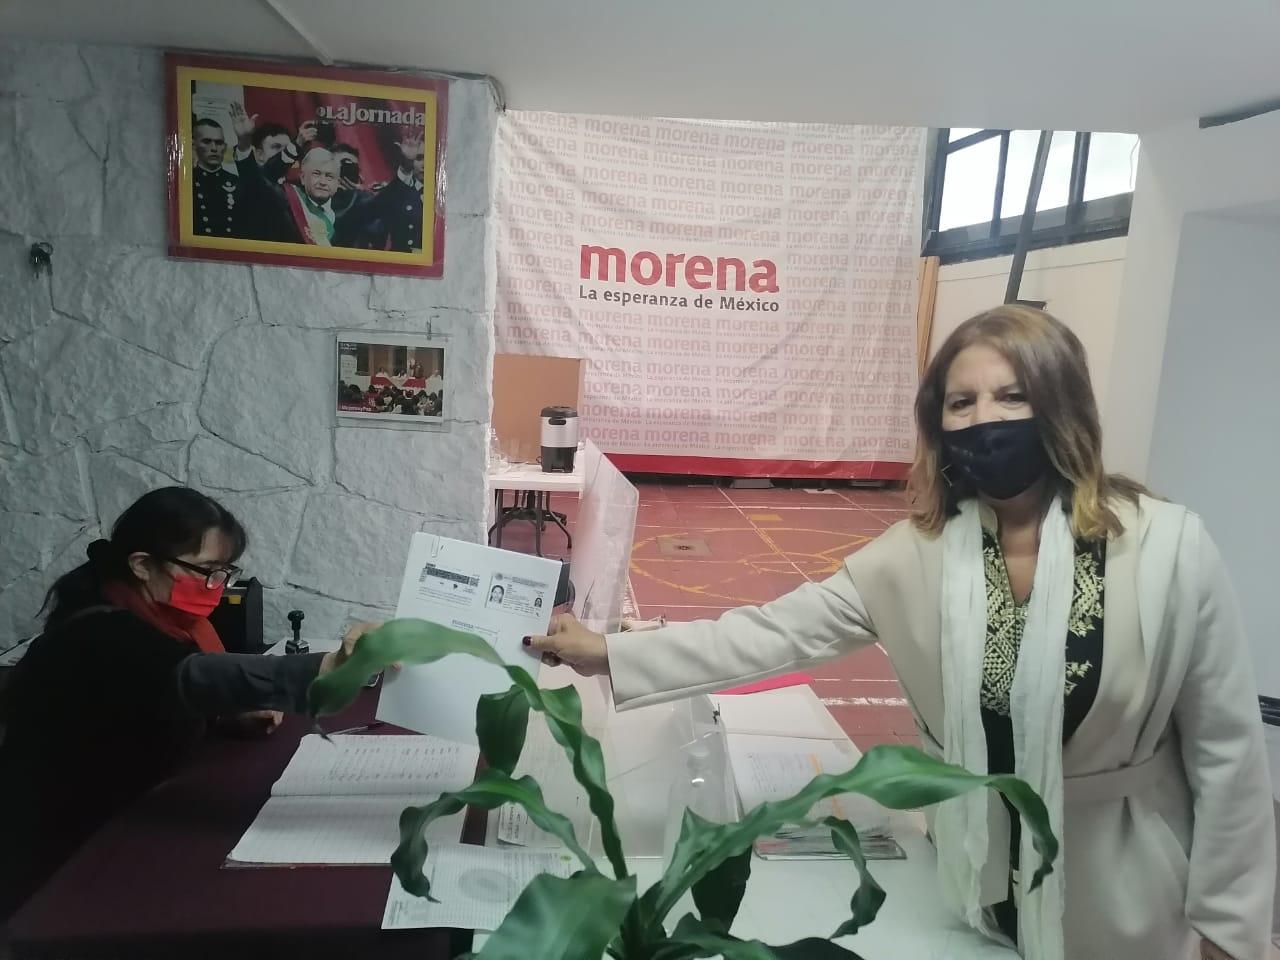 Vamos contra la corrupción, afirma Sonia López, al inscribirse a candidatura de Morena